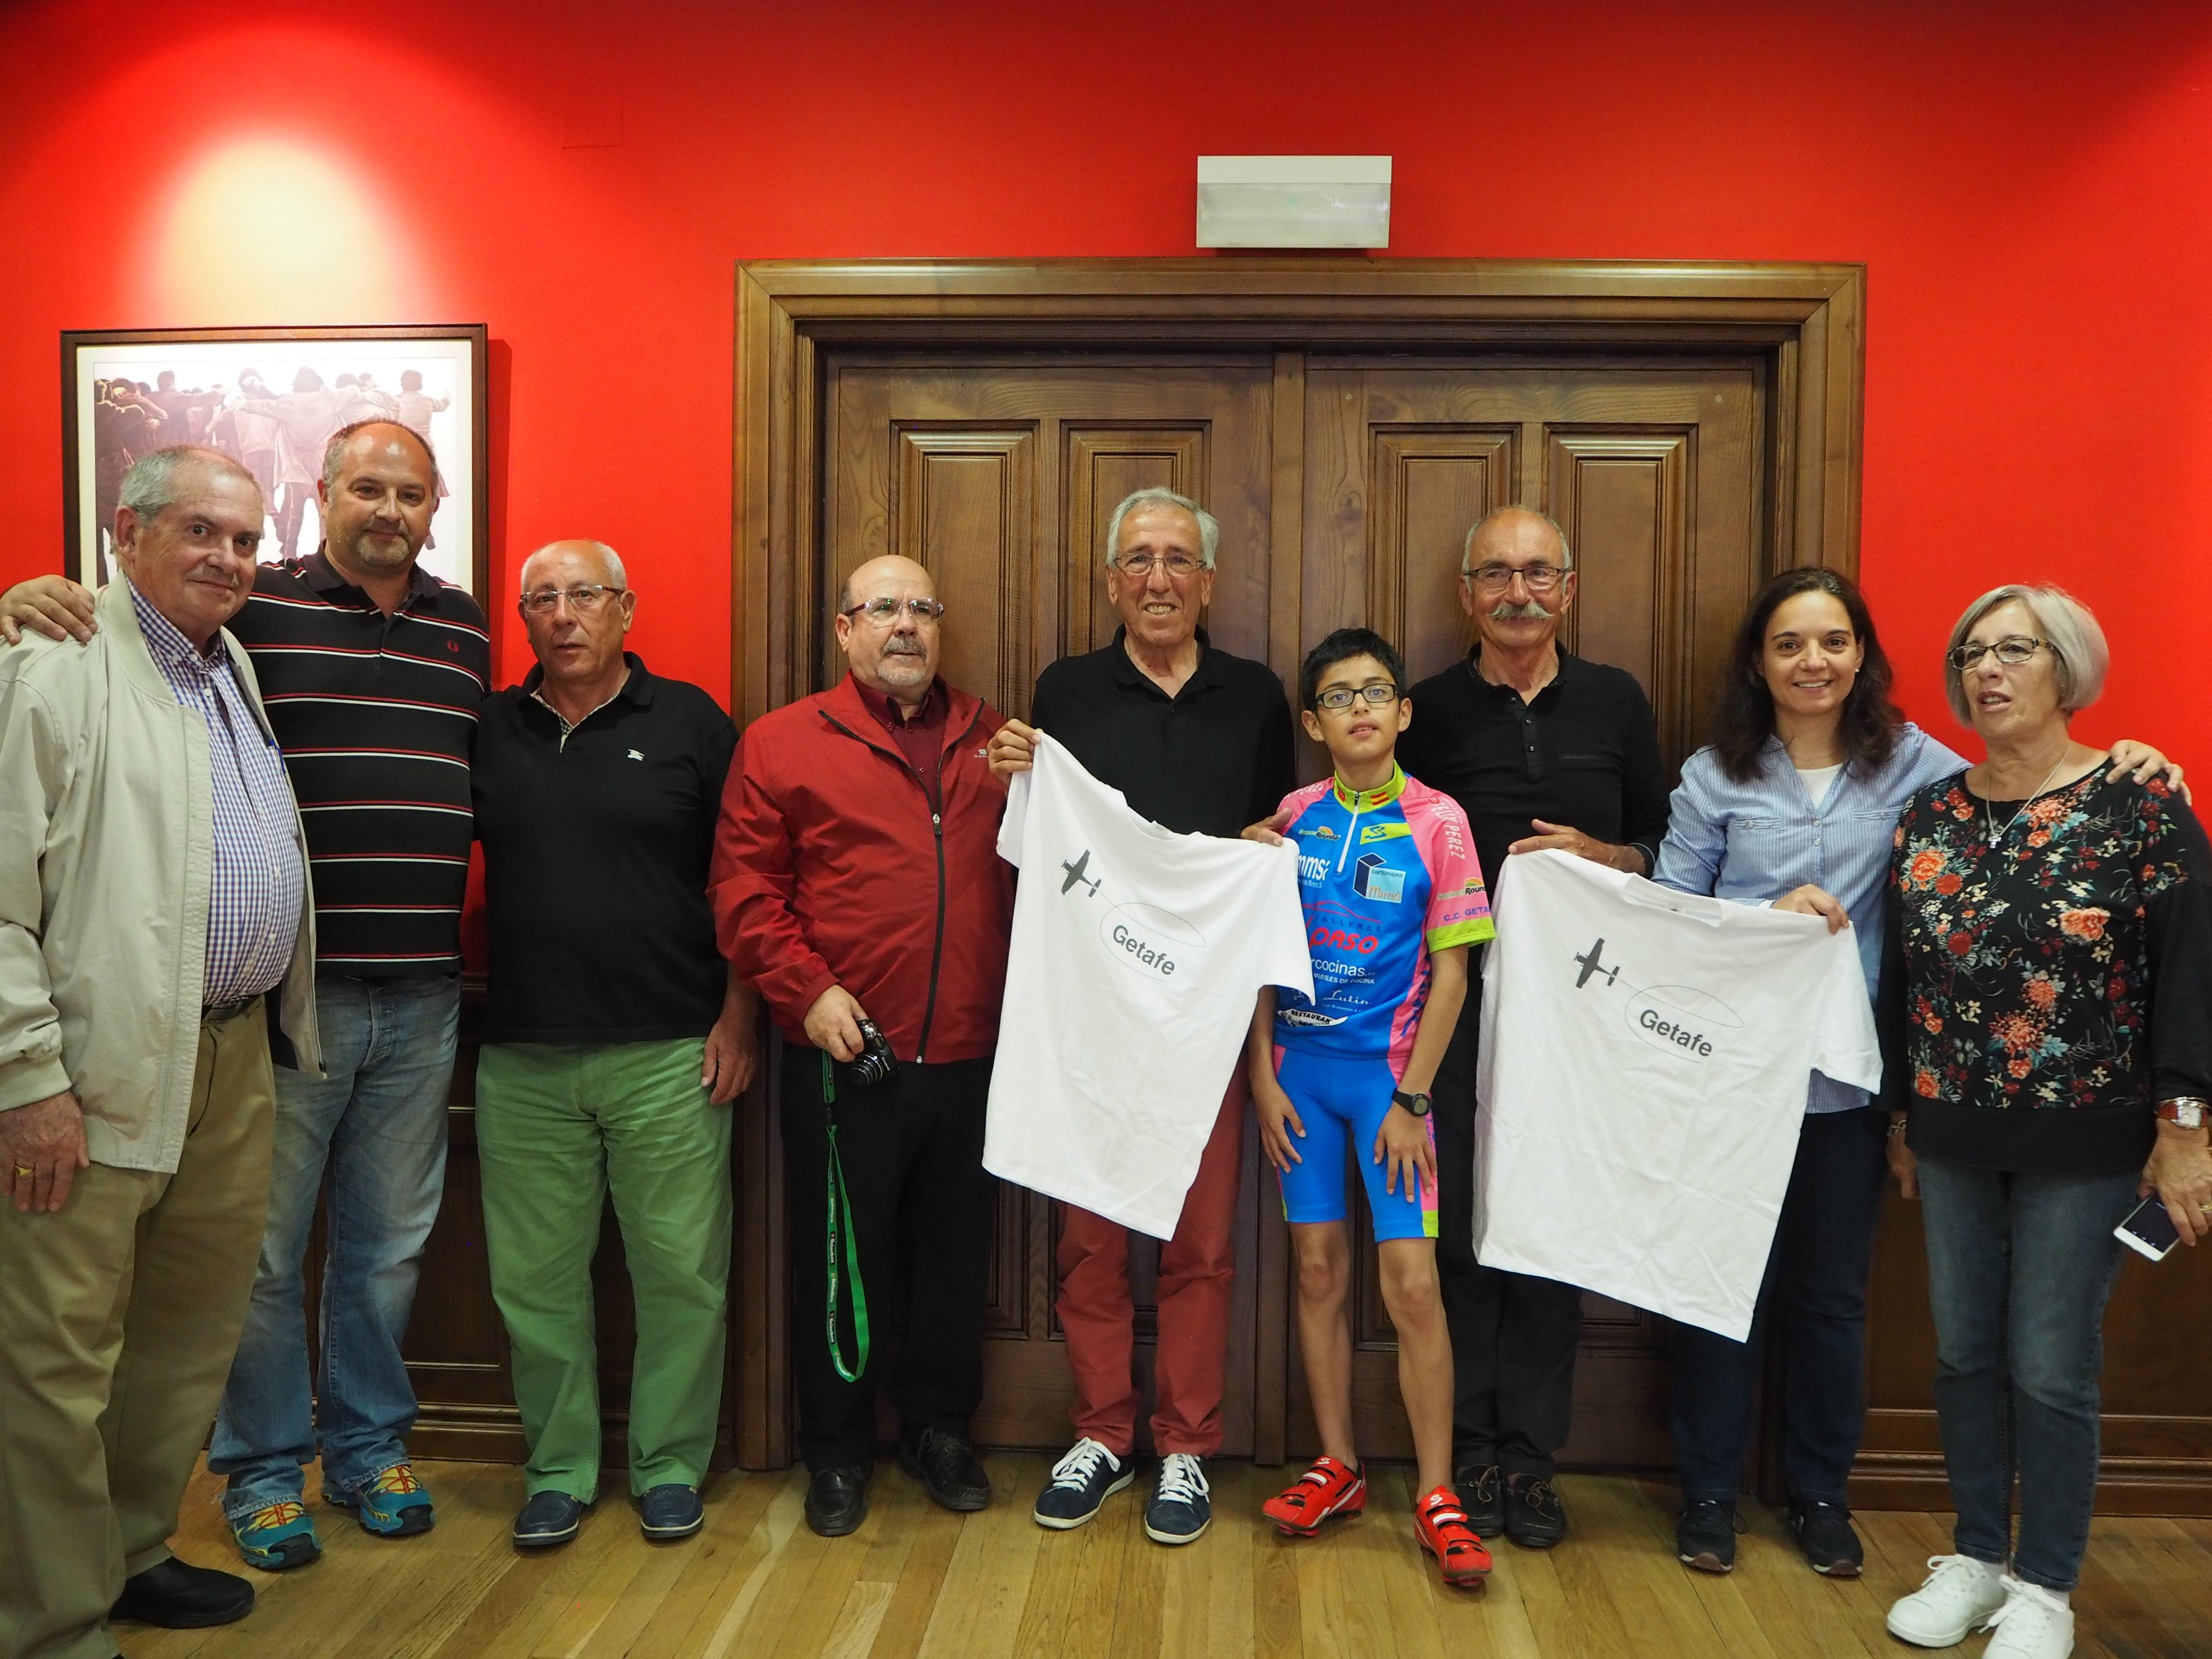 José y Michael recibidos por la alcaldesa y el concejal de Deportes acompañados de representantes del Club Ciclista Getafe